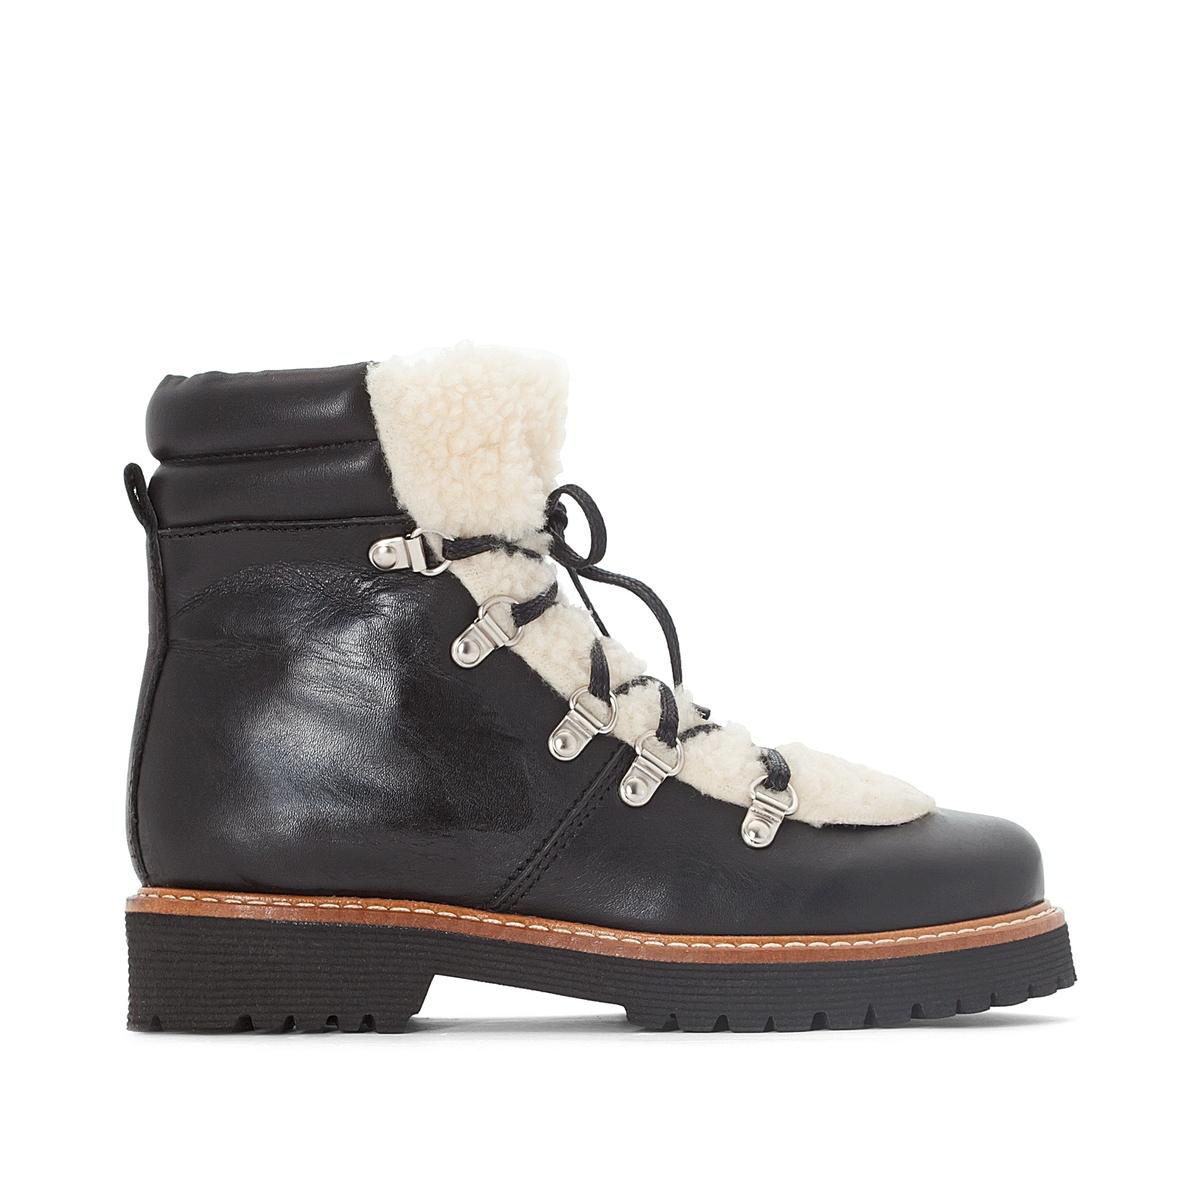 купить Ботинки кожаные в горном стиле дешево